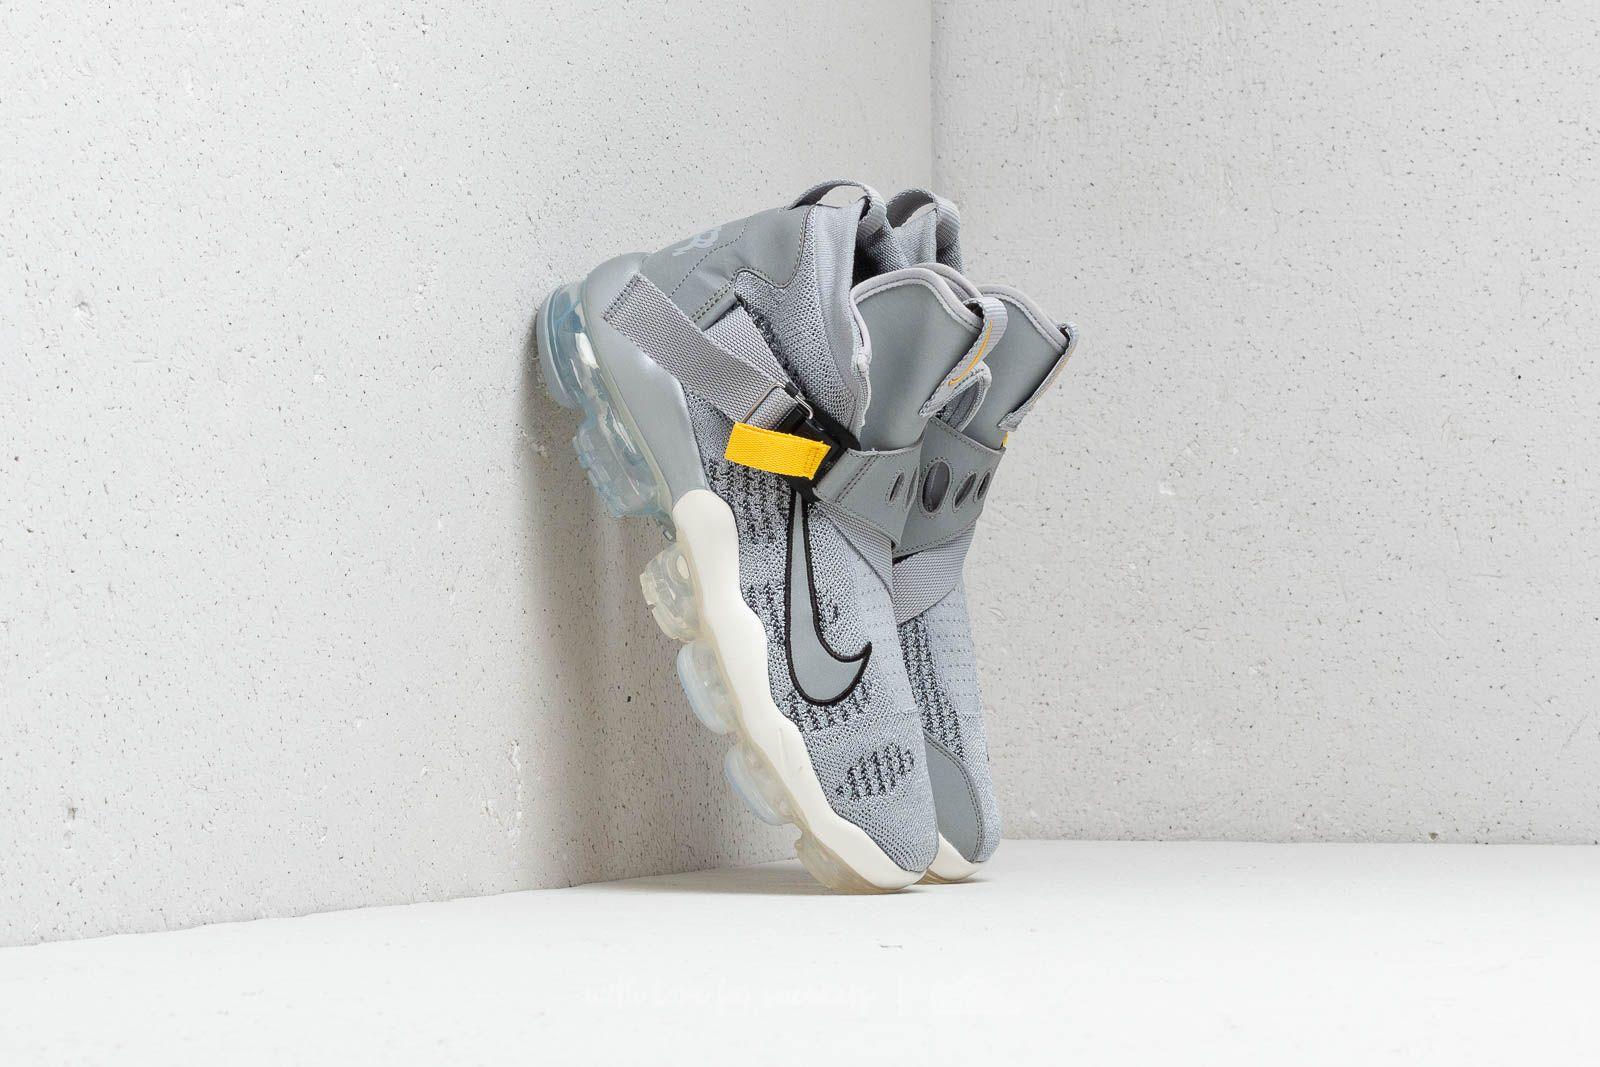 Nike Air Vapormax Premier Flyknit Wolf Grey/ Metallic Silver za skvělou cenu 6 190 Kč koupíte na Footshop.cz